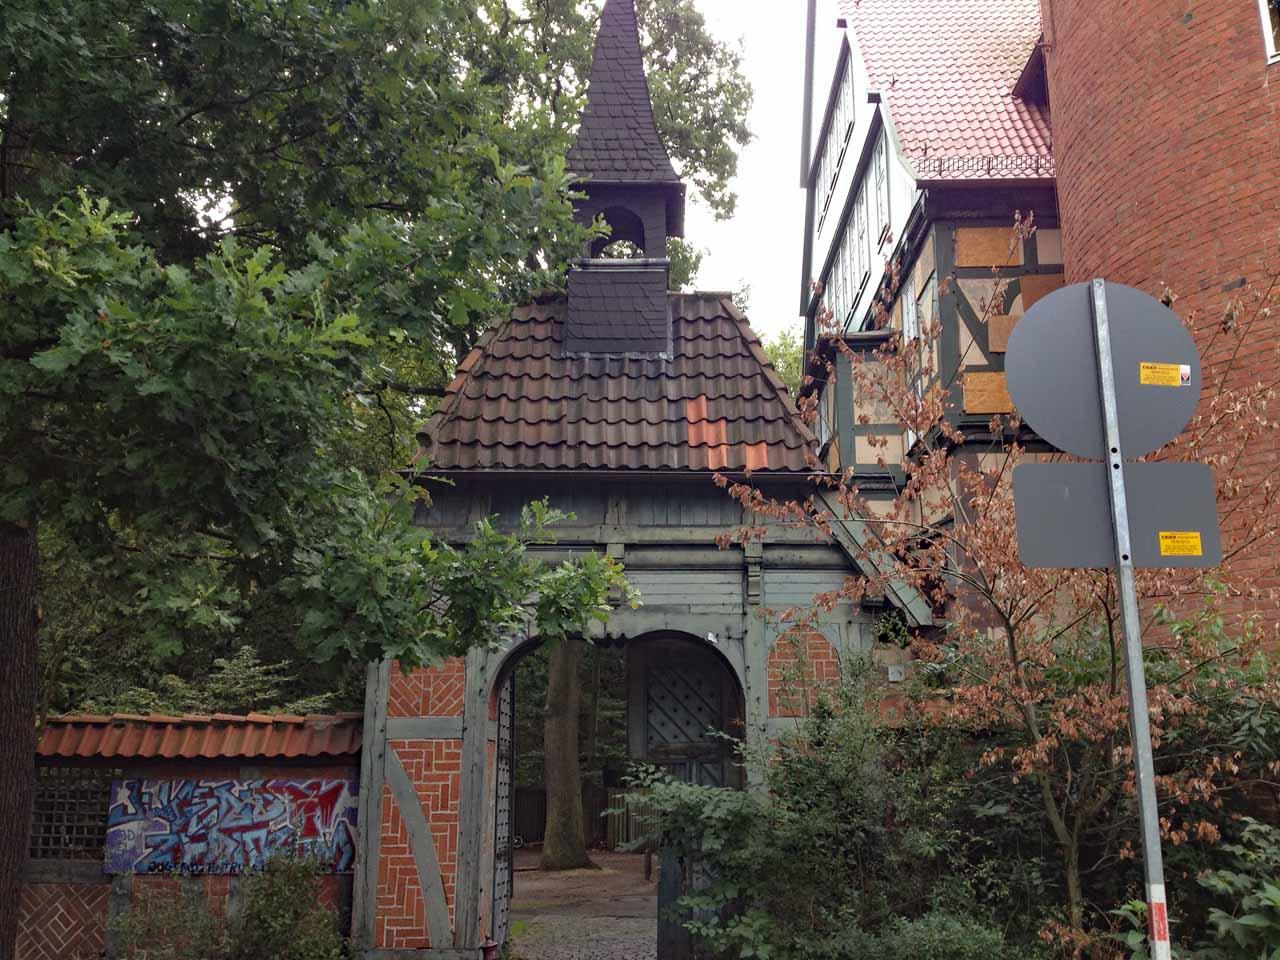 Ein Tor mit kleinem Turm